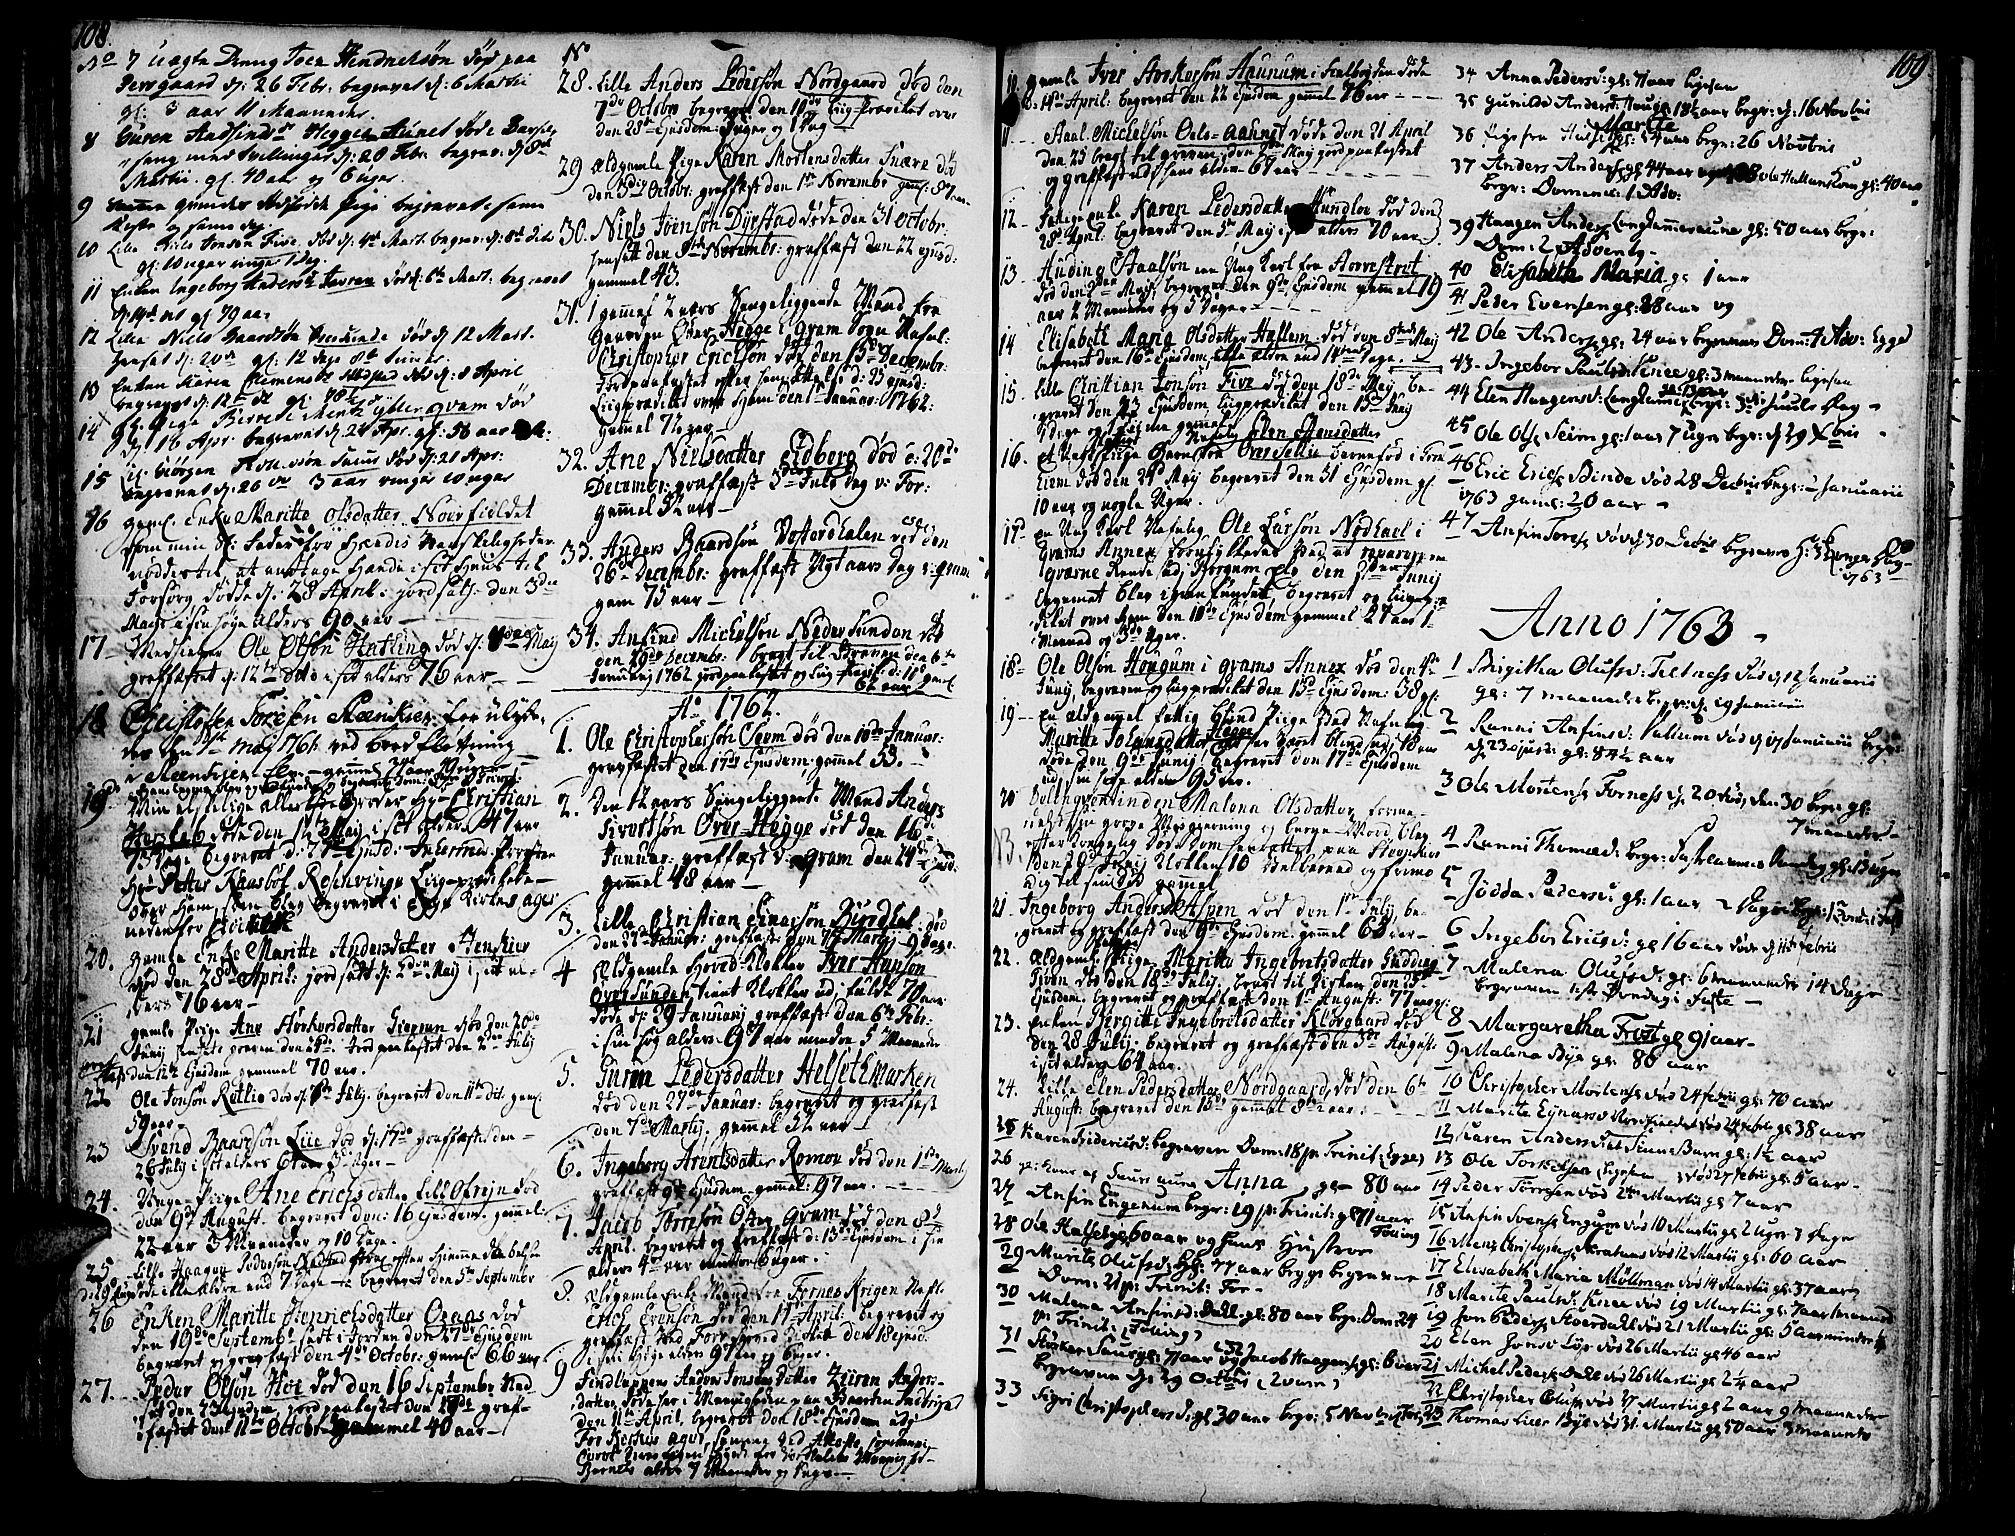 SAT, Ministerialprotokoller, klokkerbøker og fødselsregistre - Nord-Trøndelag, 746/L0440: Ministerialbok nr. 746A02, 1760-1815, s. 108-109